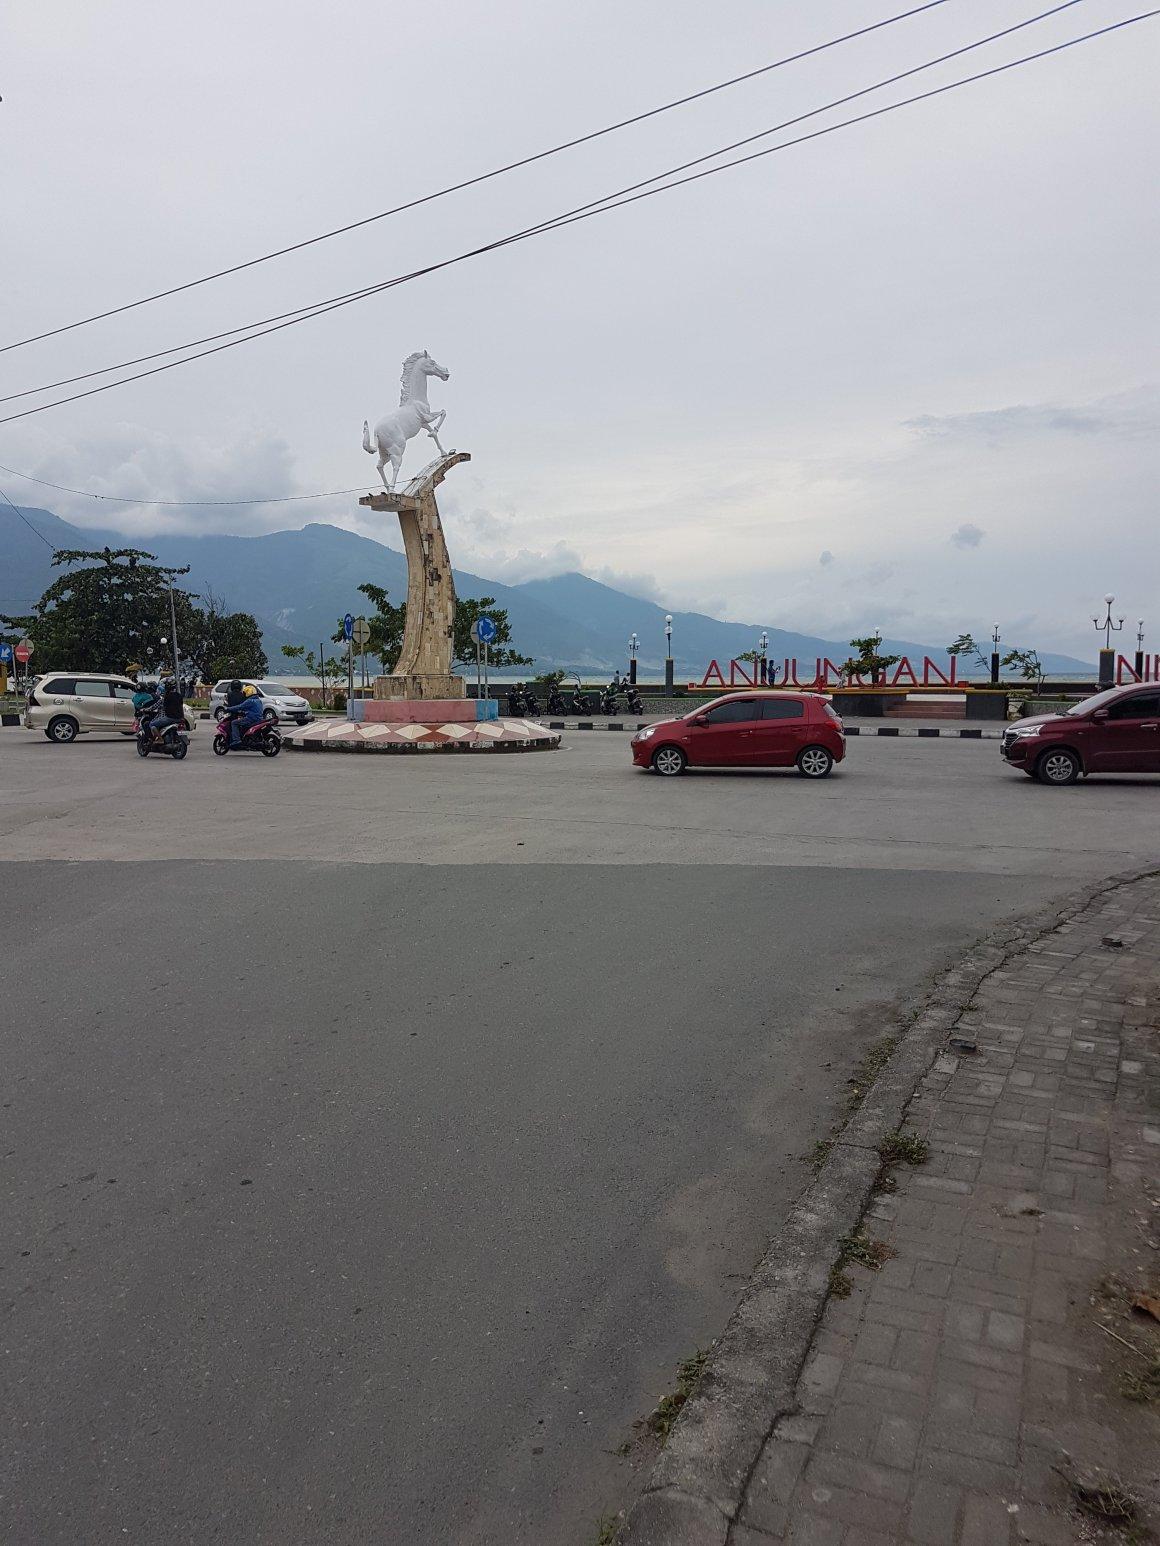 Suasana Taman Anjungan Nusantara Tepian Pantai Teluk Palu Sulawesi Mencapai